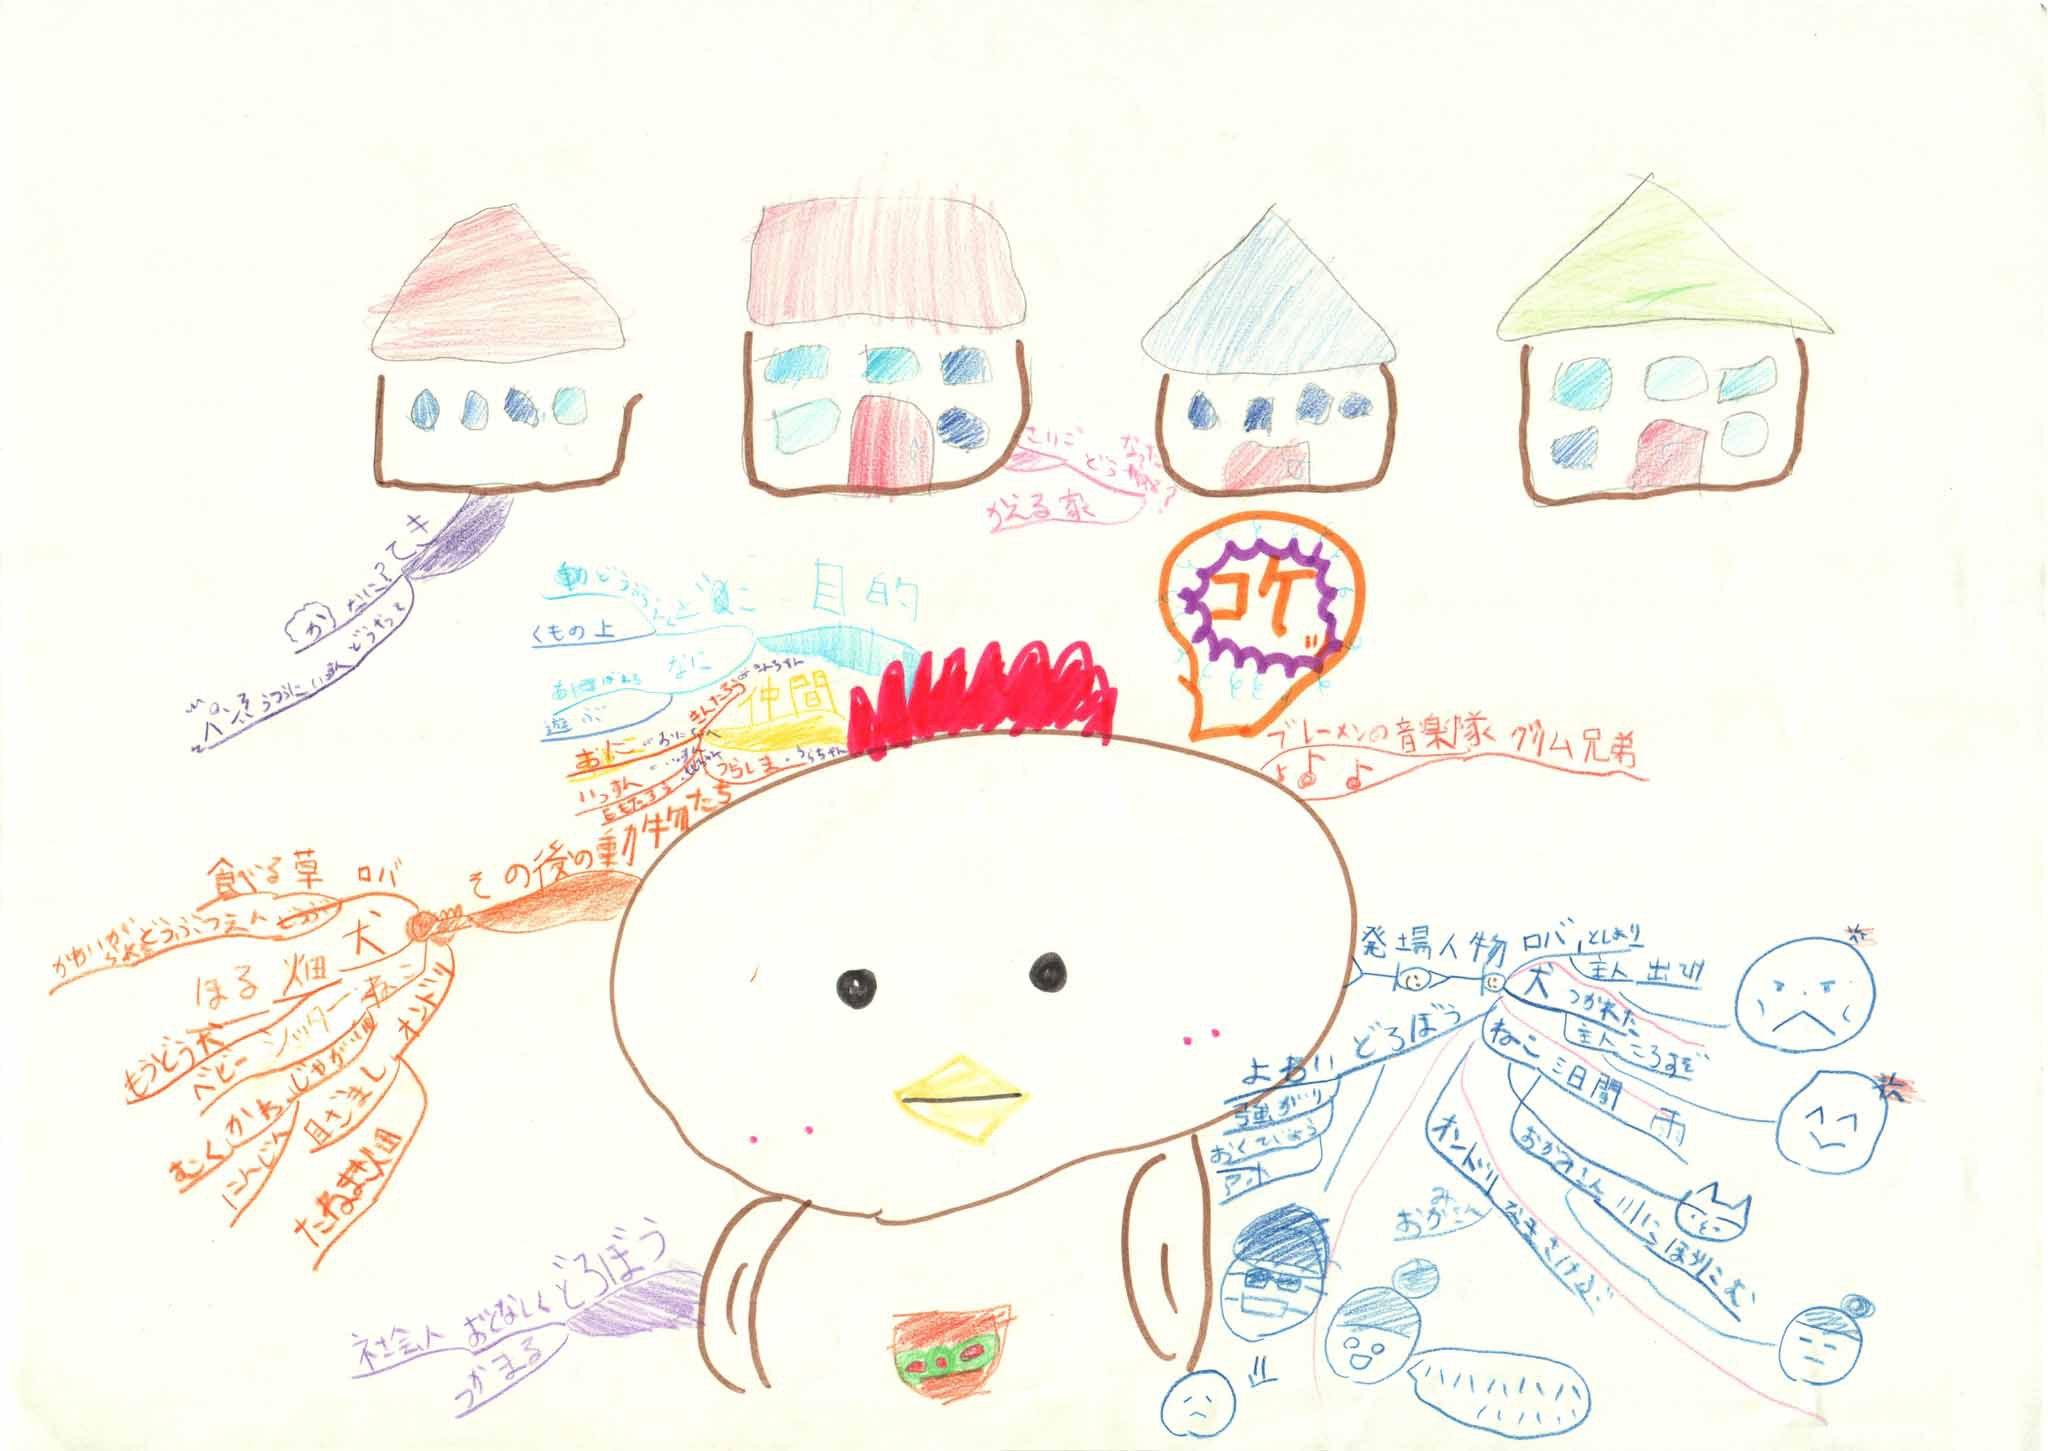 みんなのマインドマップ~ブレーメンの音楽隊(小学5・6年生)